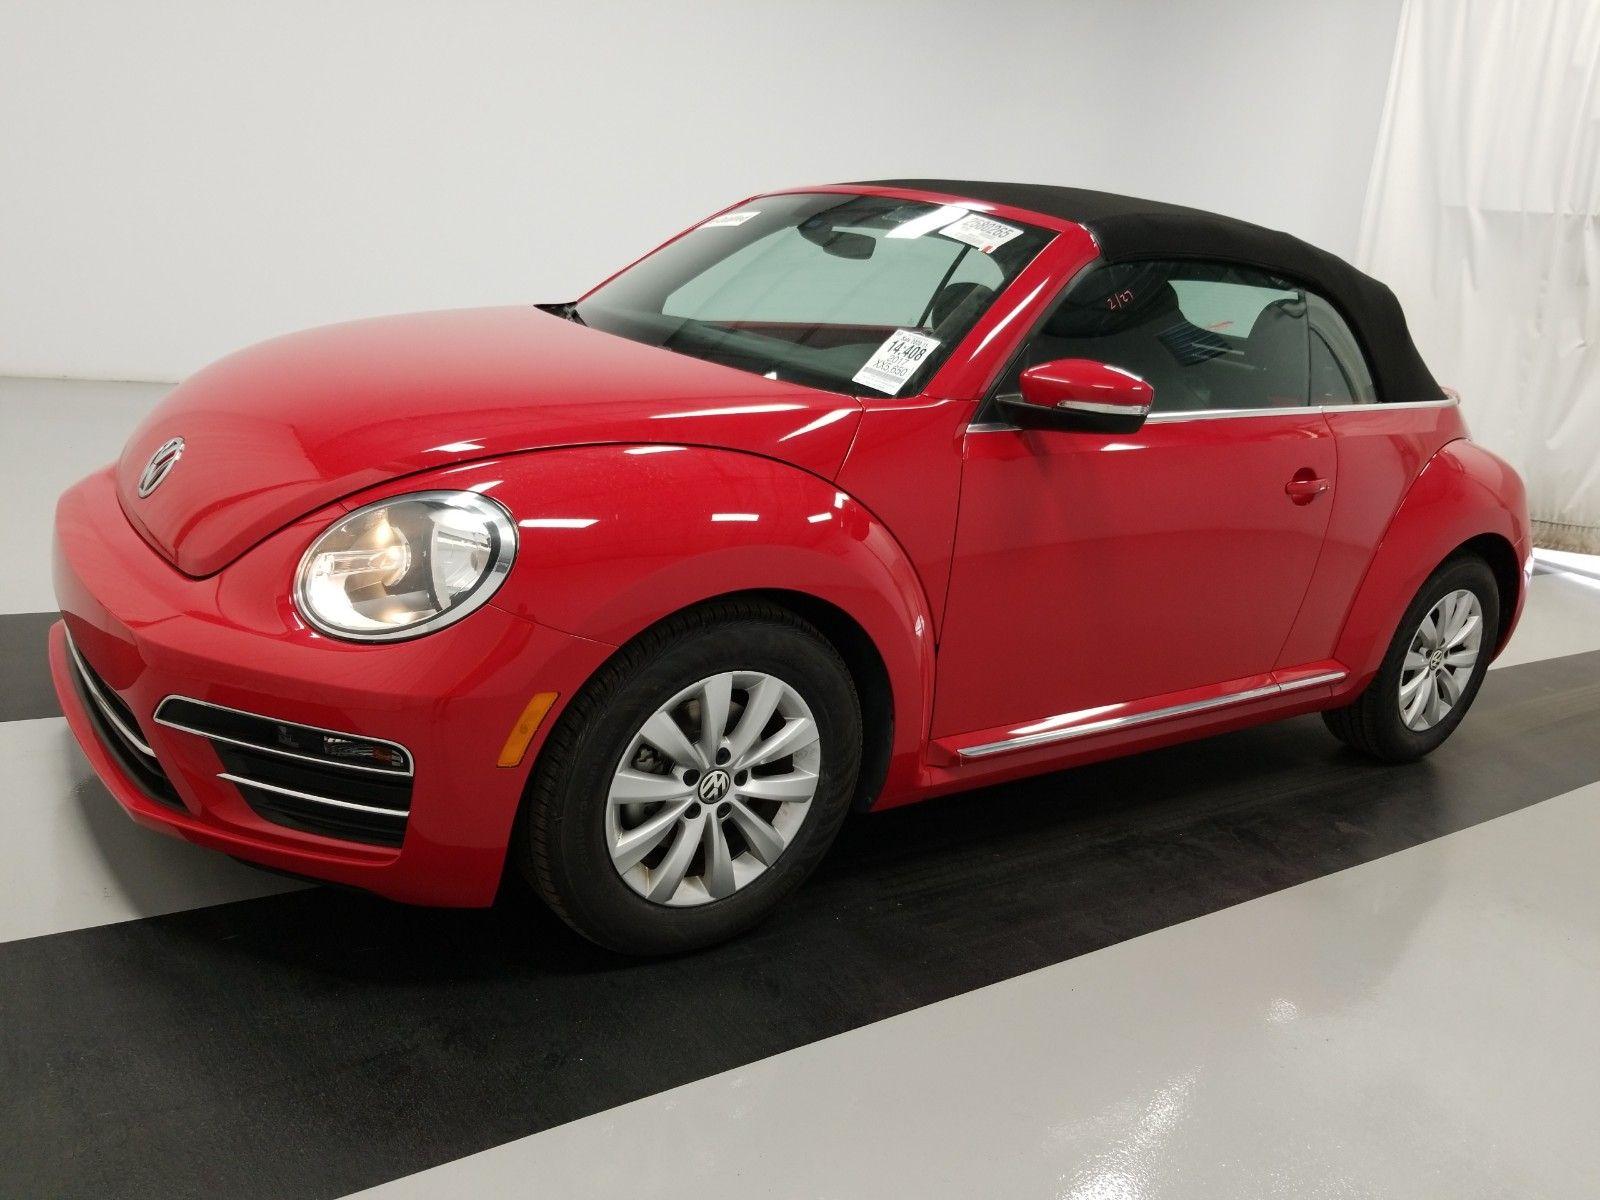 2017 Volkswagen Beetle 1.8. Lot 99913852574 Vin 3VW517ATXHM800797